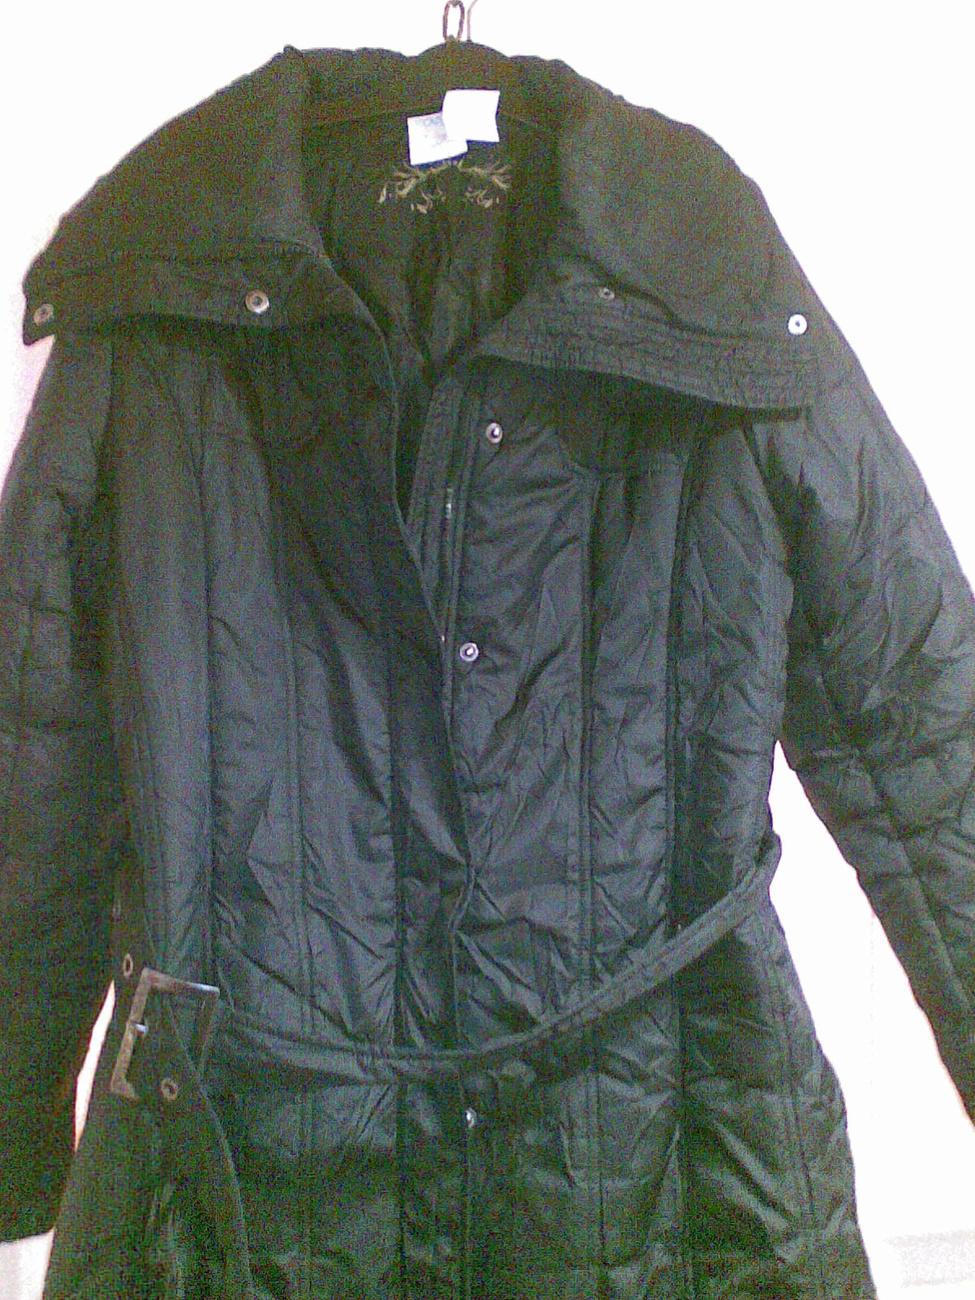 Jennifer Lopezt az American Idol forgatási szünetében fotózták le fehér bundában: ilyen kabátot műszőrméből is lehetne készíteni.